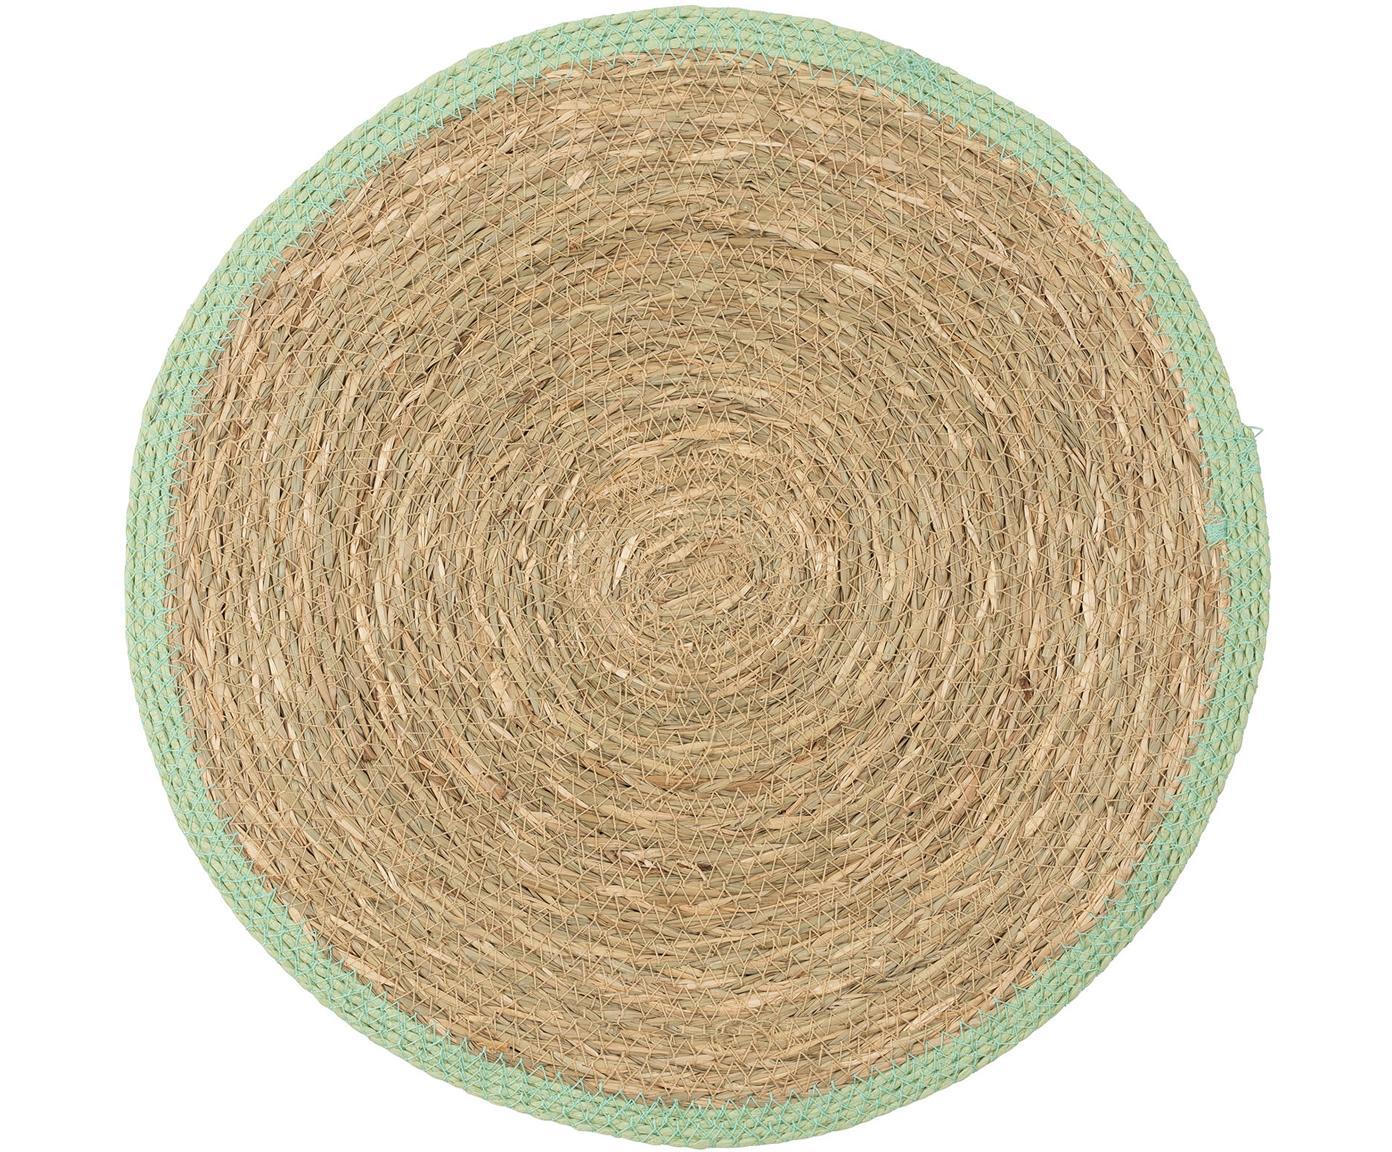 Okrągła podkładka Boho, 2 szt., Trawa morska, Beżowy, zielony, Ø 35 cm